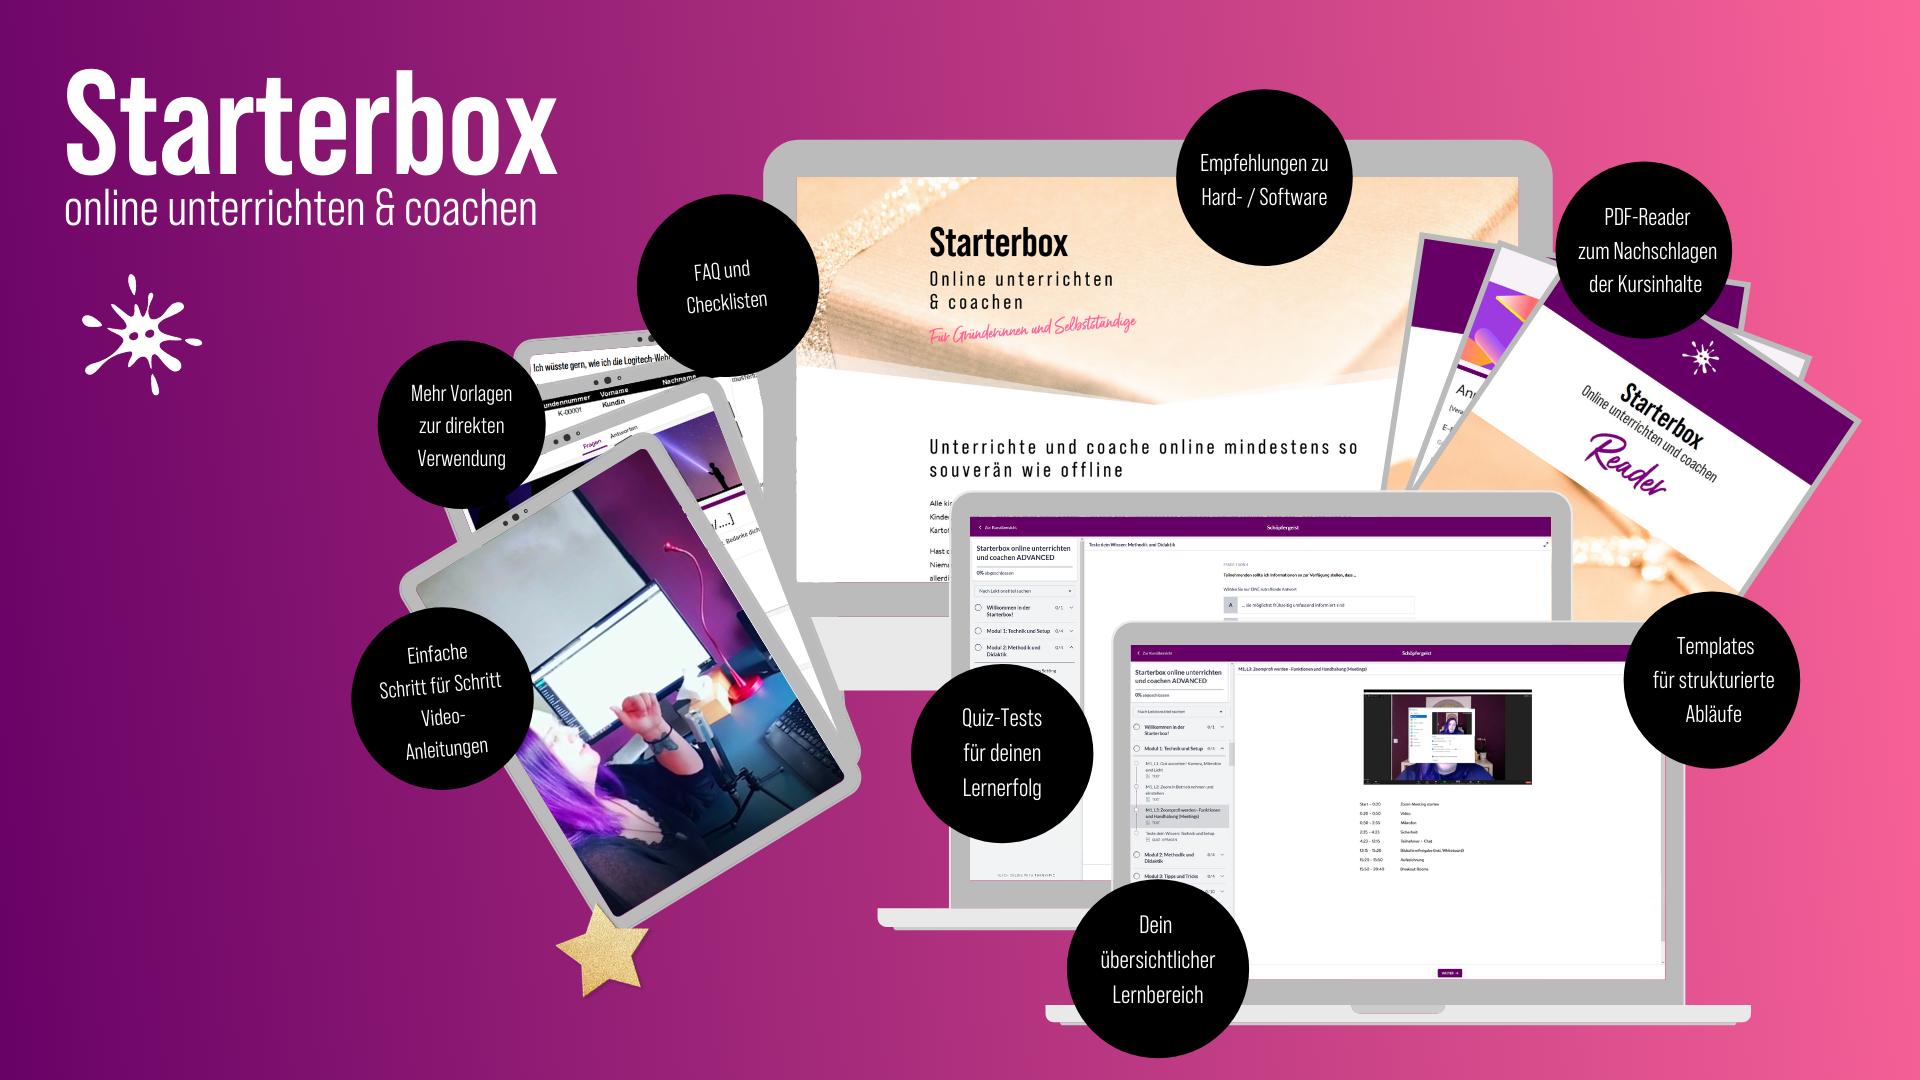 Selbstständig im Netz: Starterbox online unterrichten und coachen